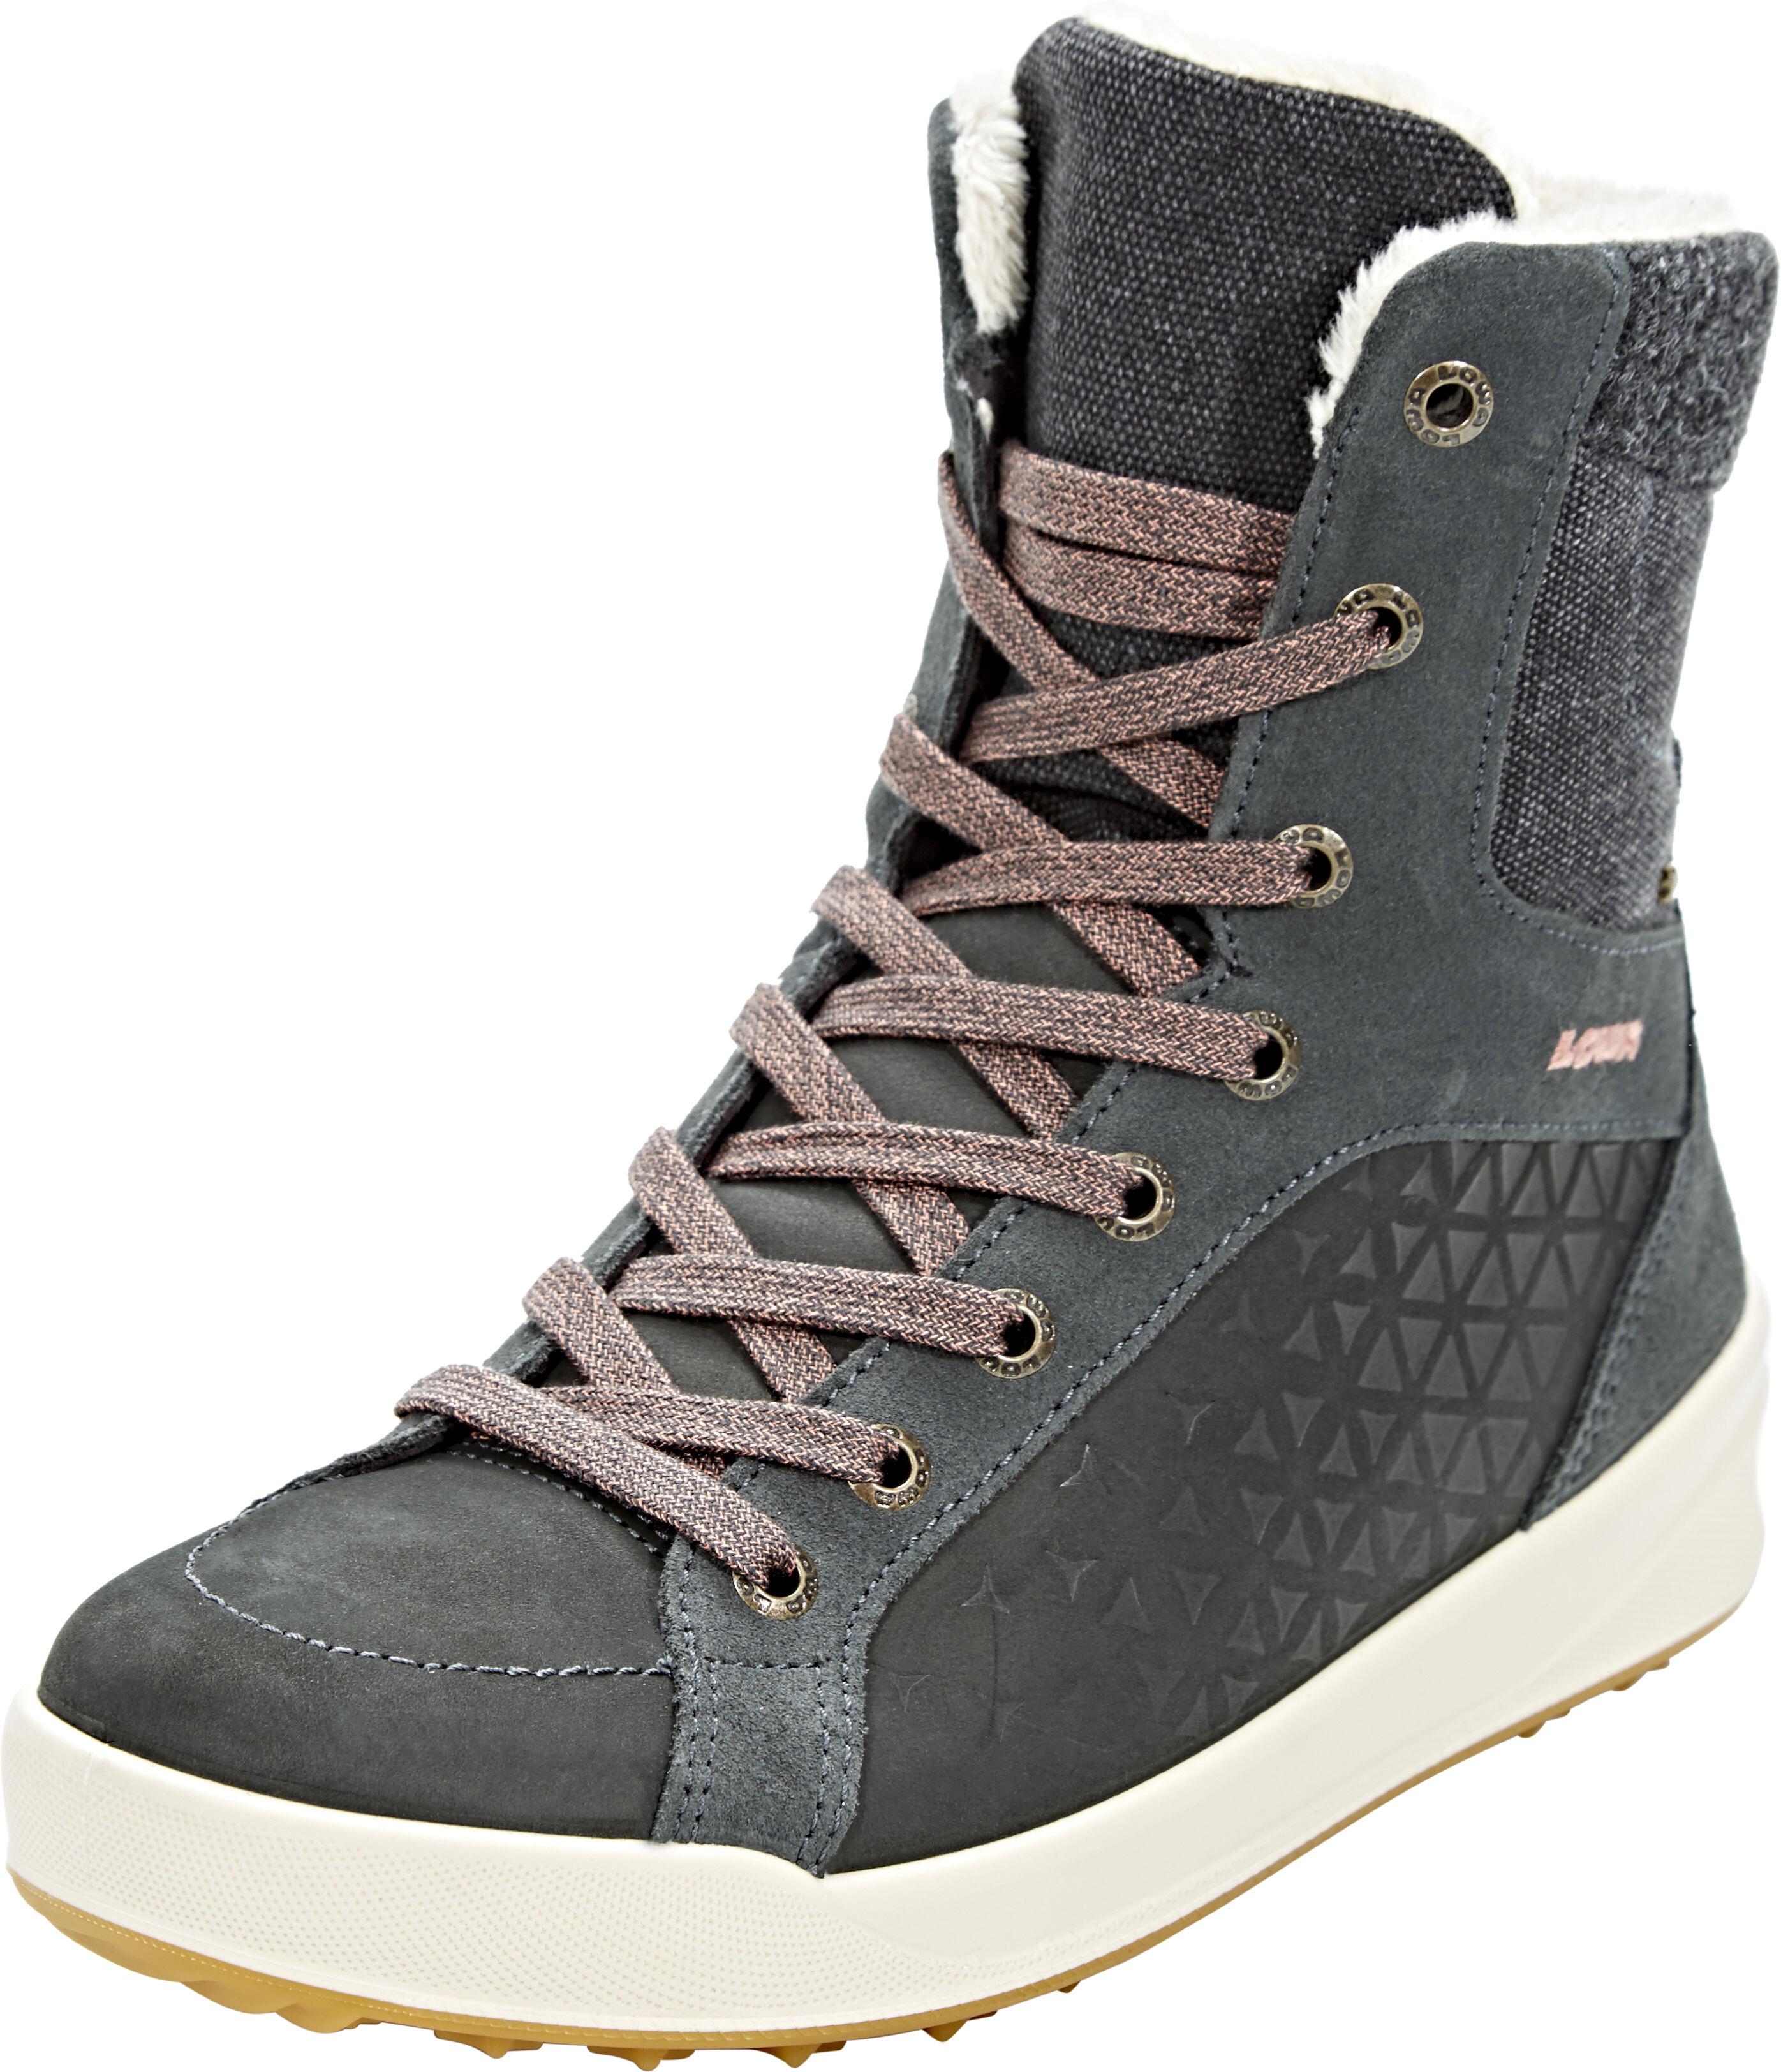 Qualität und Quantität zugesichert gute Textur zur Freigabe auswählen Lowa Fiss GTX Mid-Cut Stiefel Damen anthracite